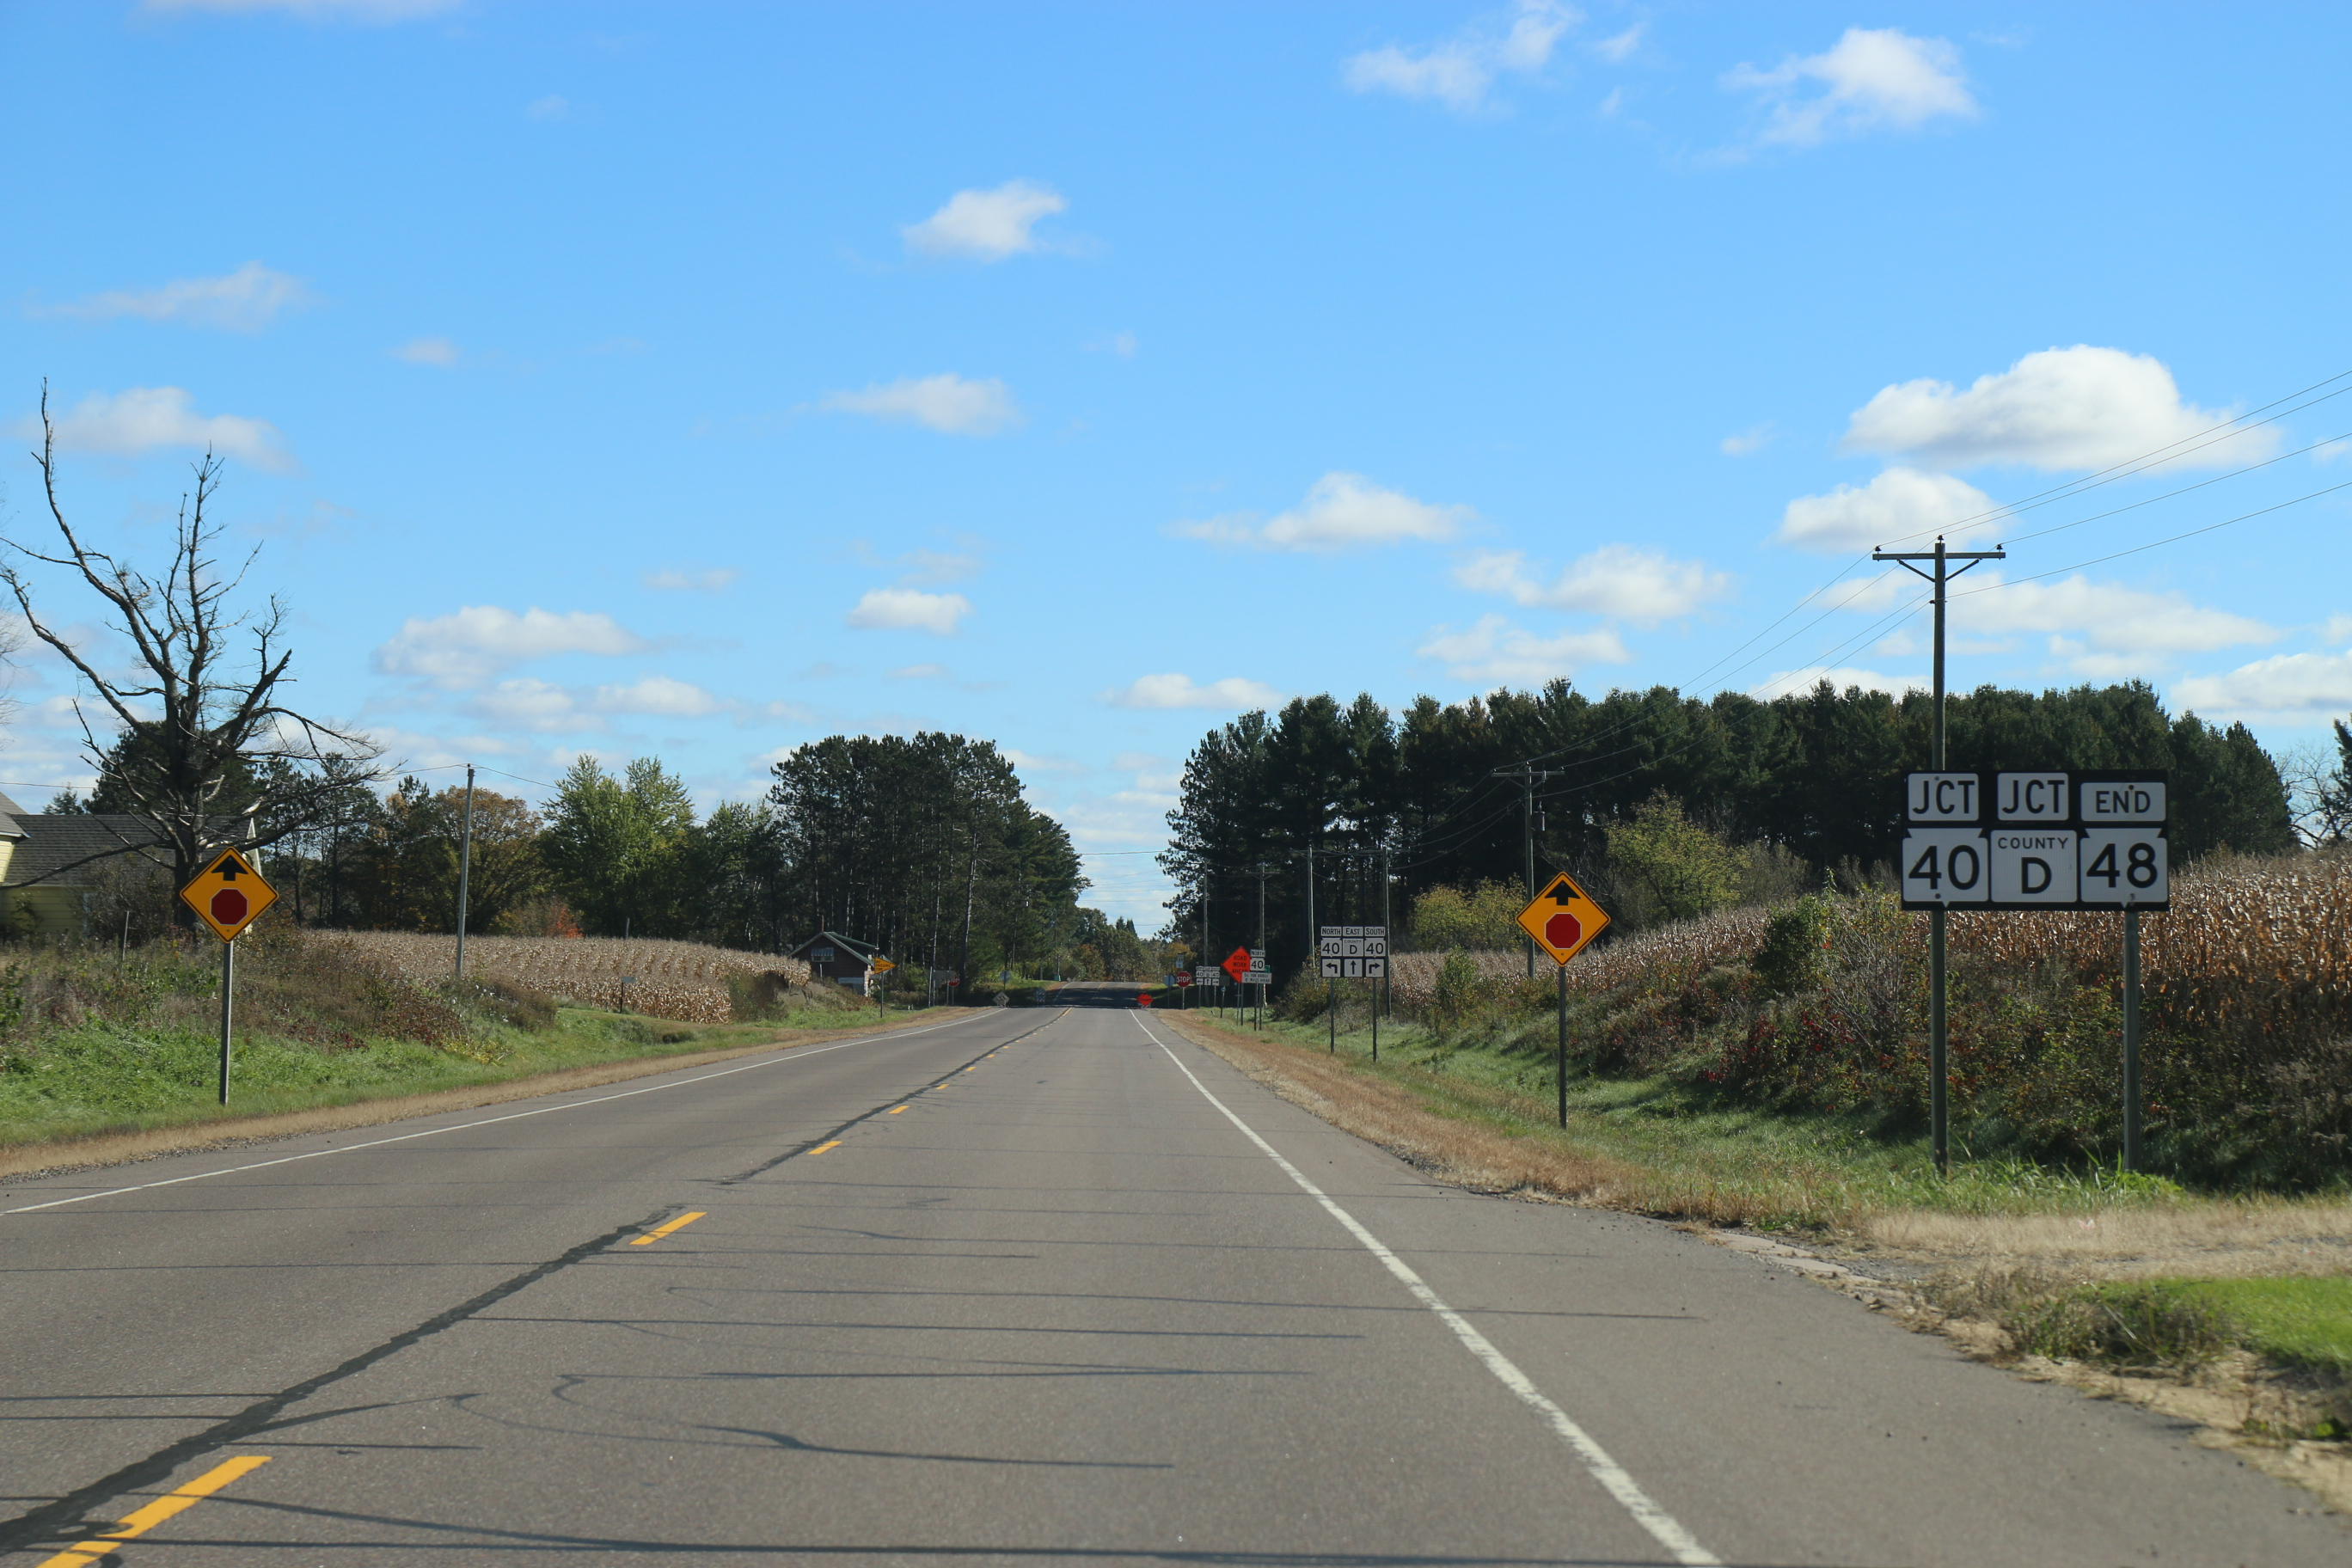 Wisconsin Road Map Printable, Wisconsin Highway 48, Wisconsin Road Map Printable